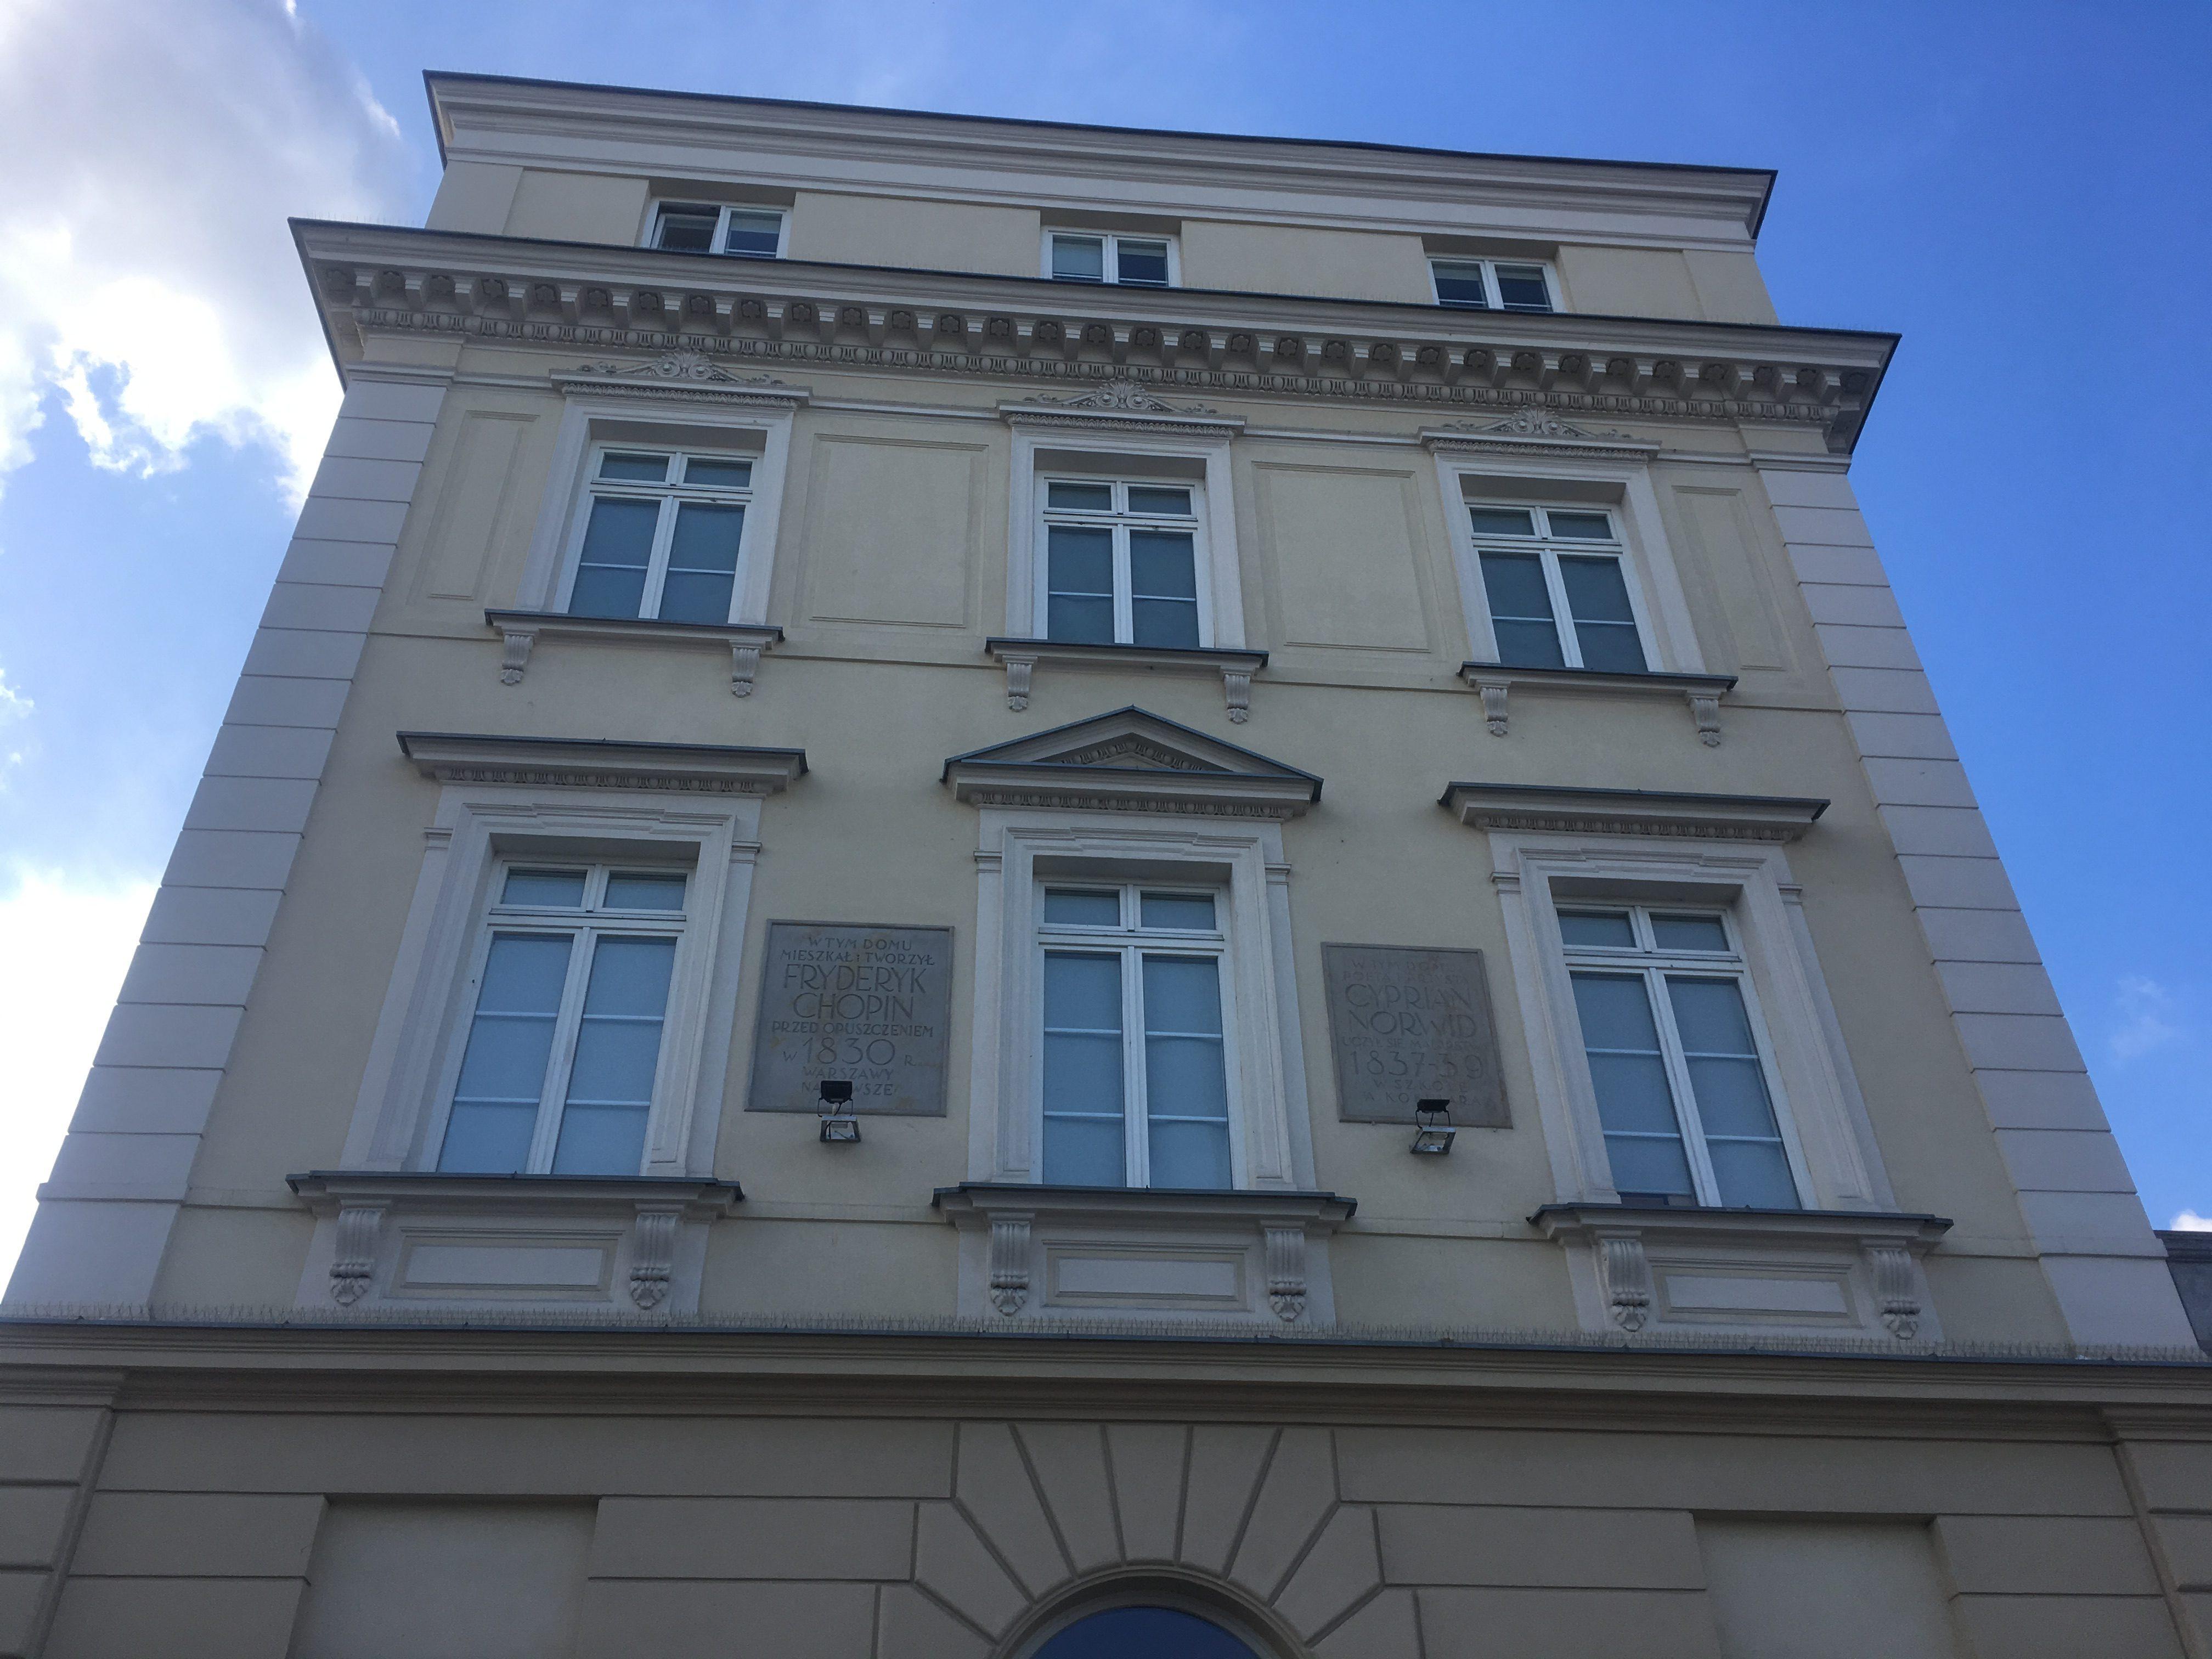 Chopins house